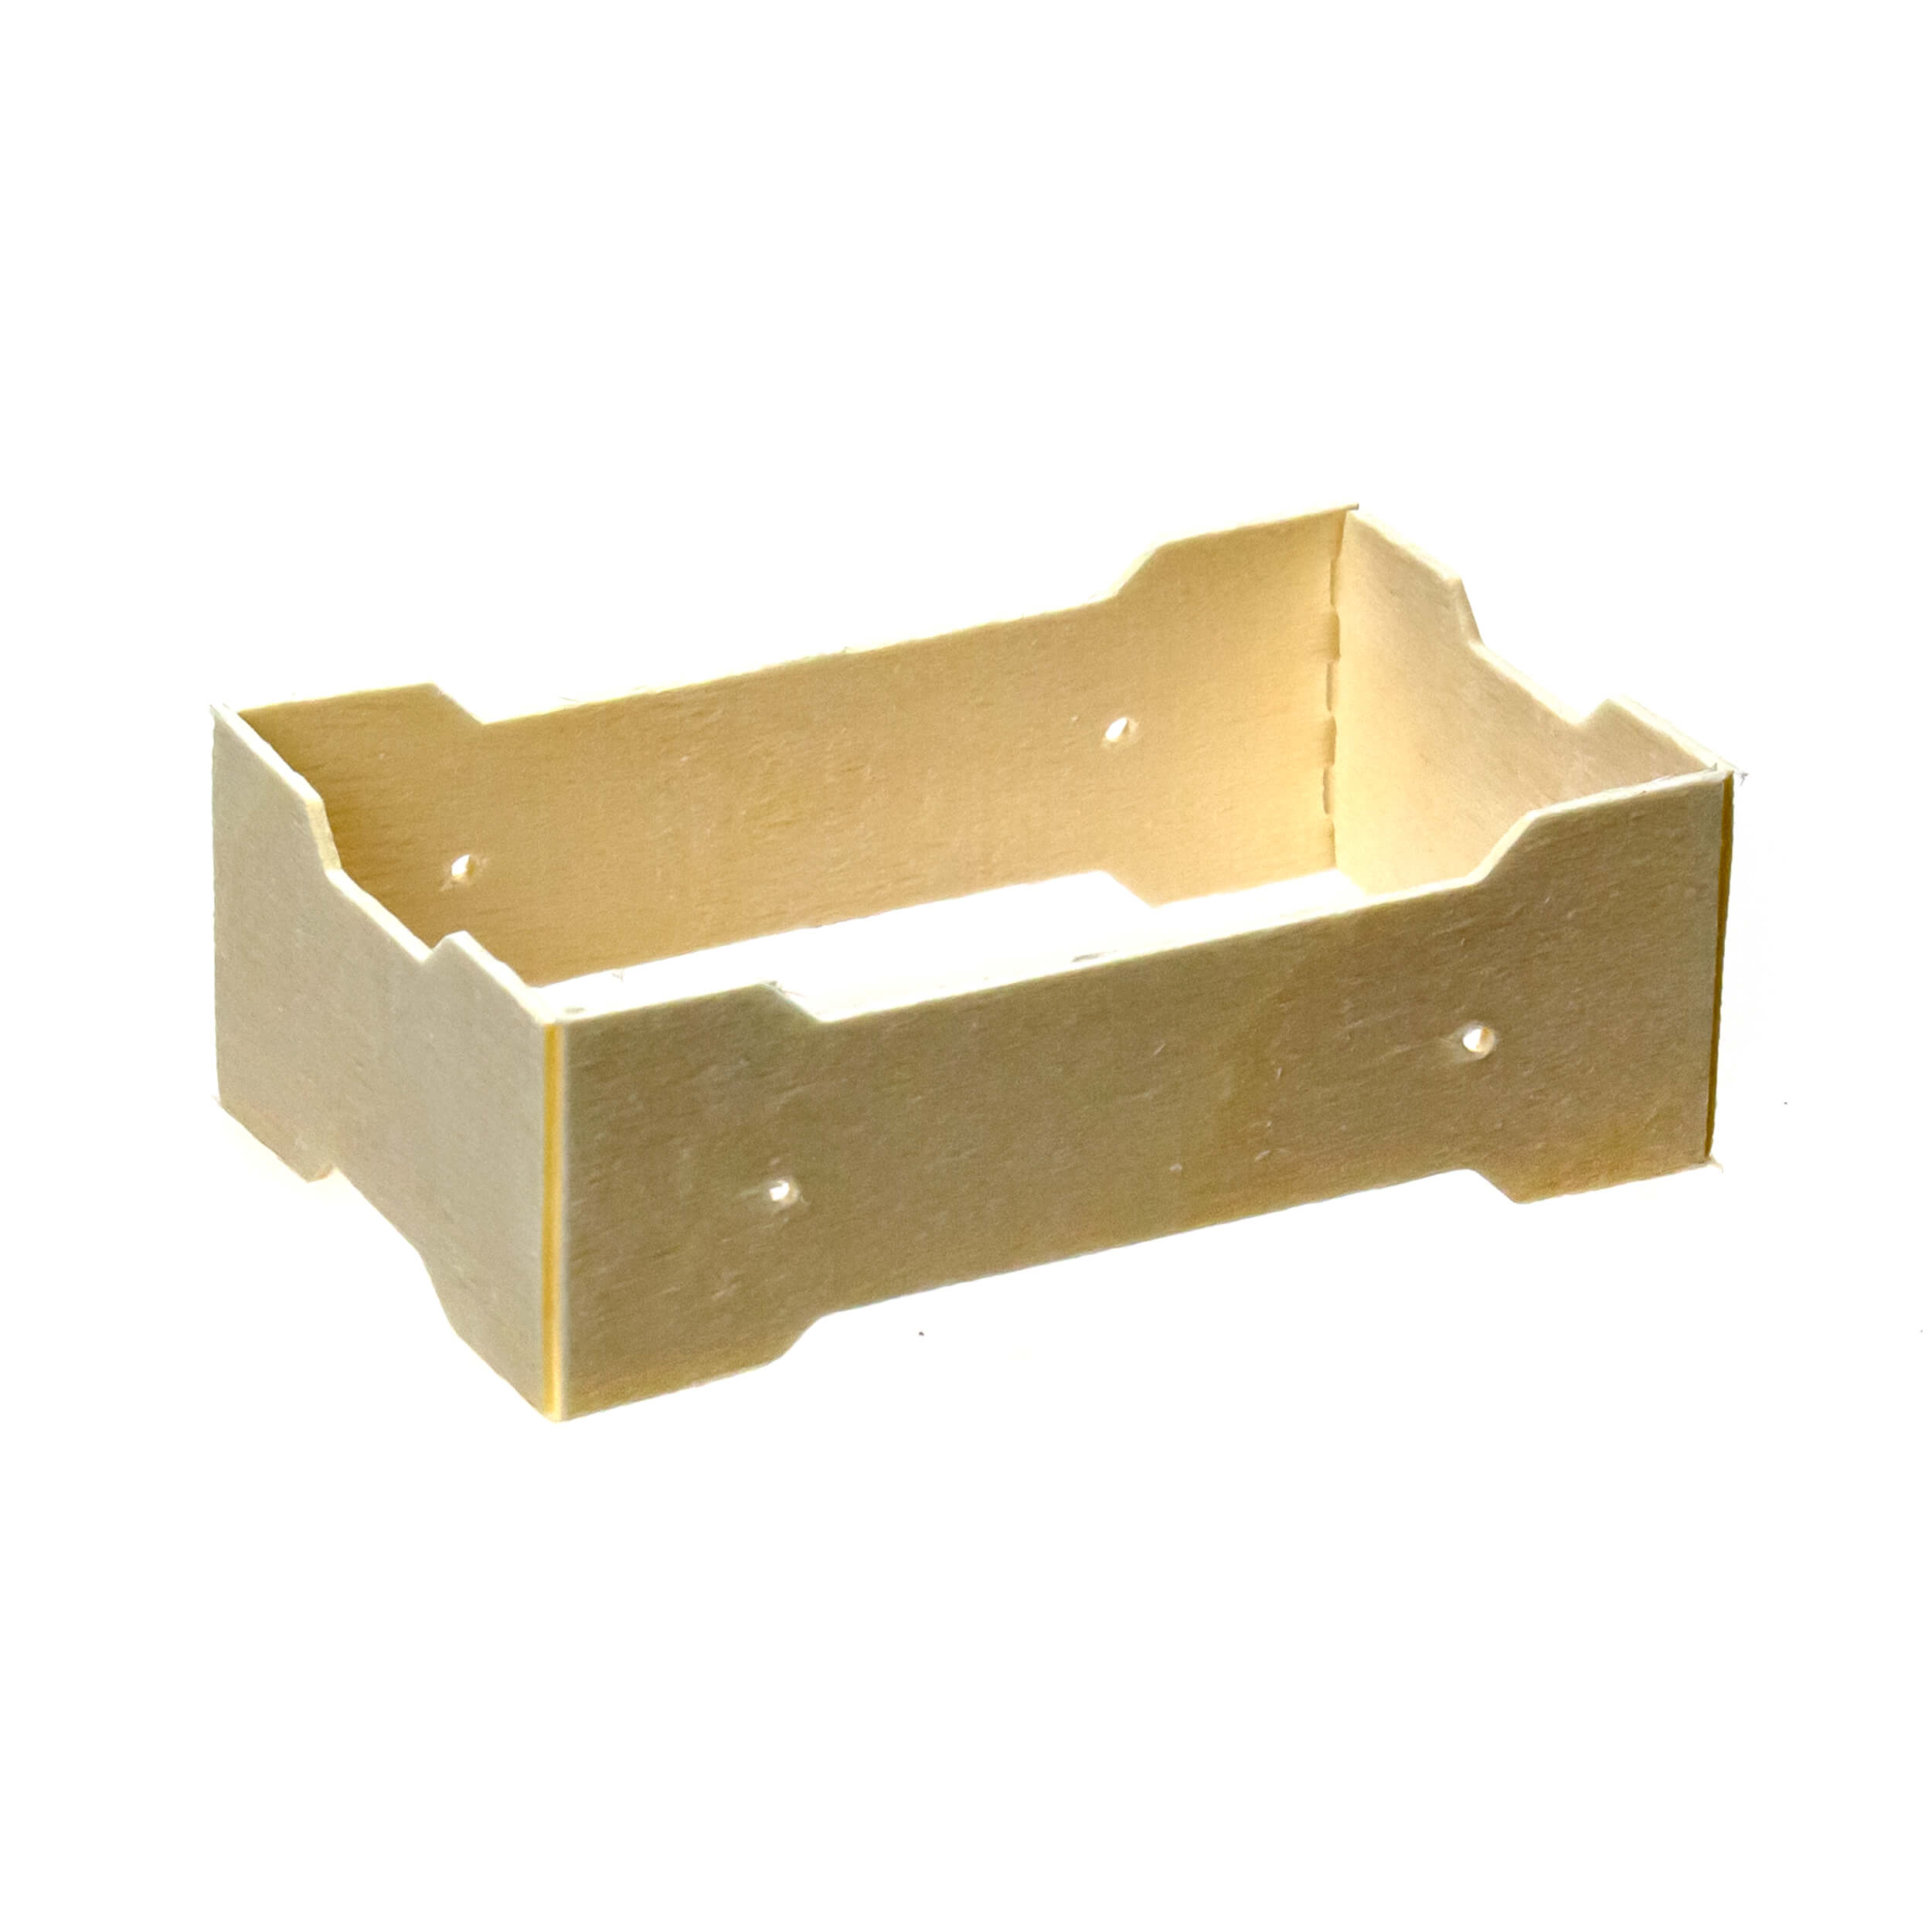 Мини рамка секционная для сотового меда (67х125х37 с отверстиями, дерево, упаковка 50 штук) фото